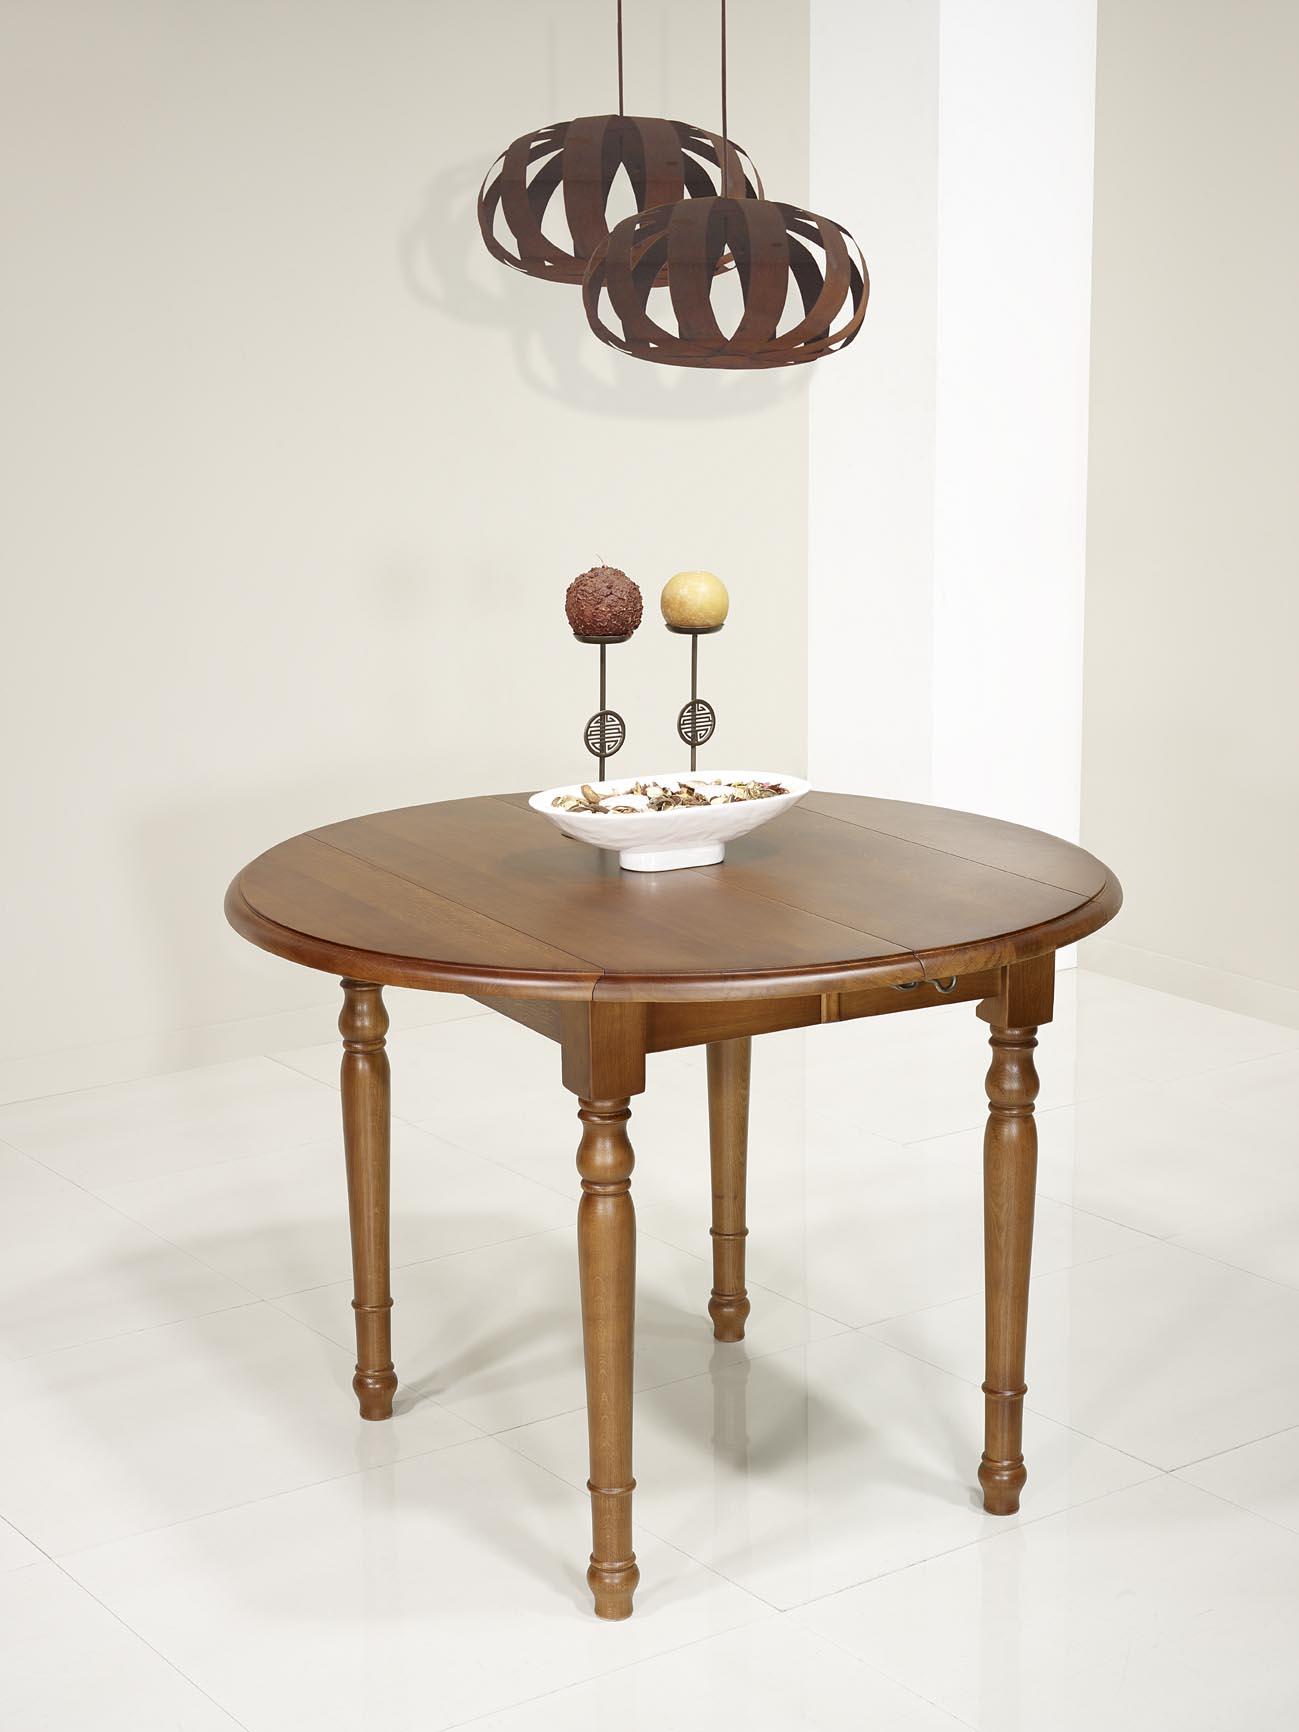 table ronde volets simon en ch ne massif de style louis philippe diametre 120 avec 2 allonges. Black Bedroom Furniture Sets. Home Design Ideas